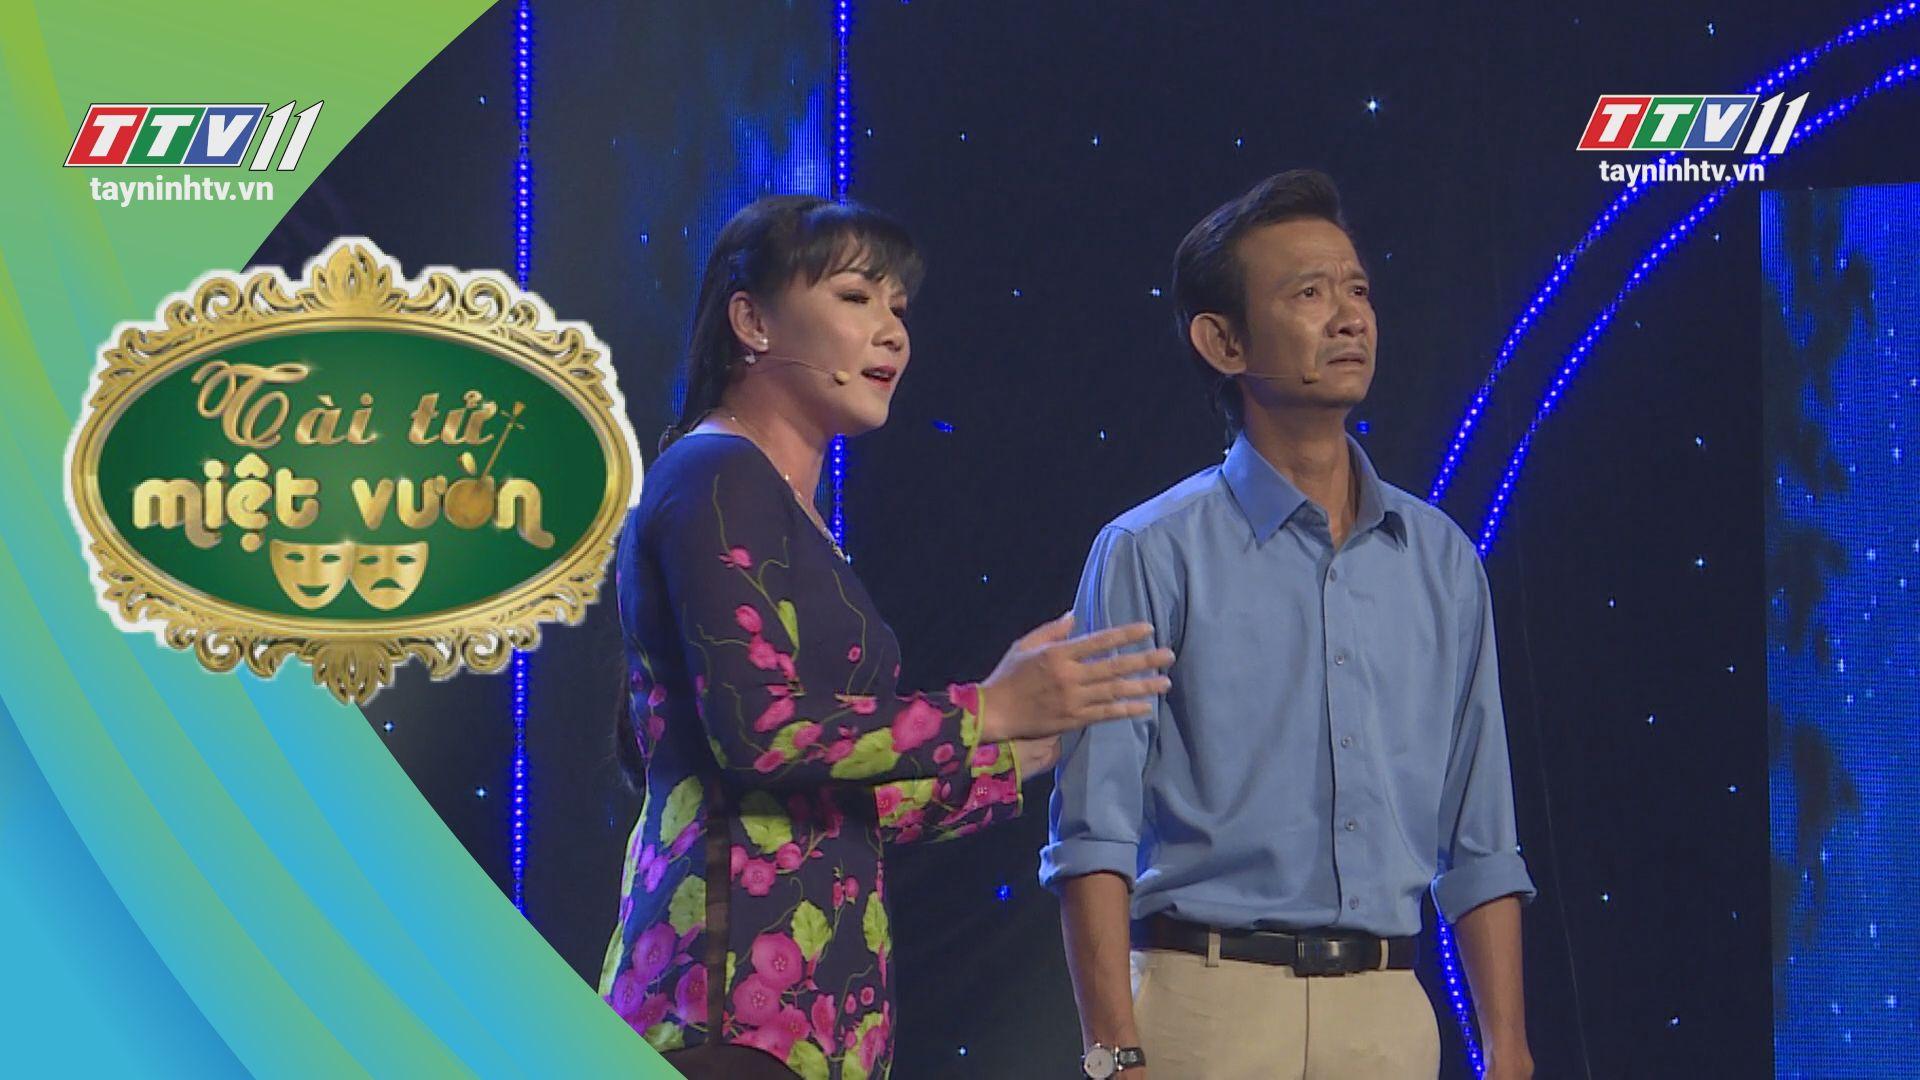 Tài tử miệt vườn - Tập 17 | TayNinhTV hợp tác THDT